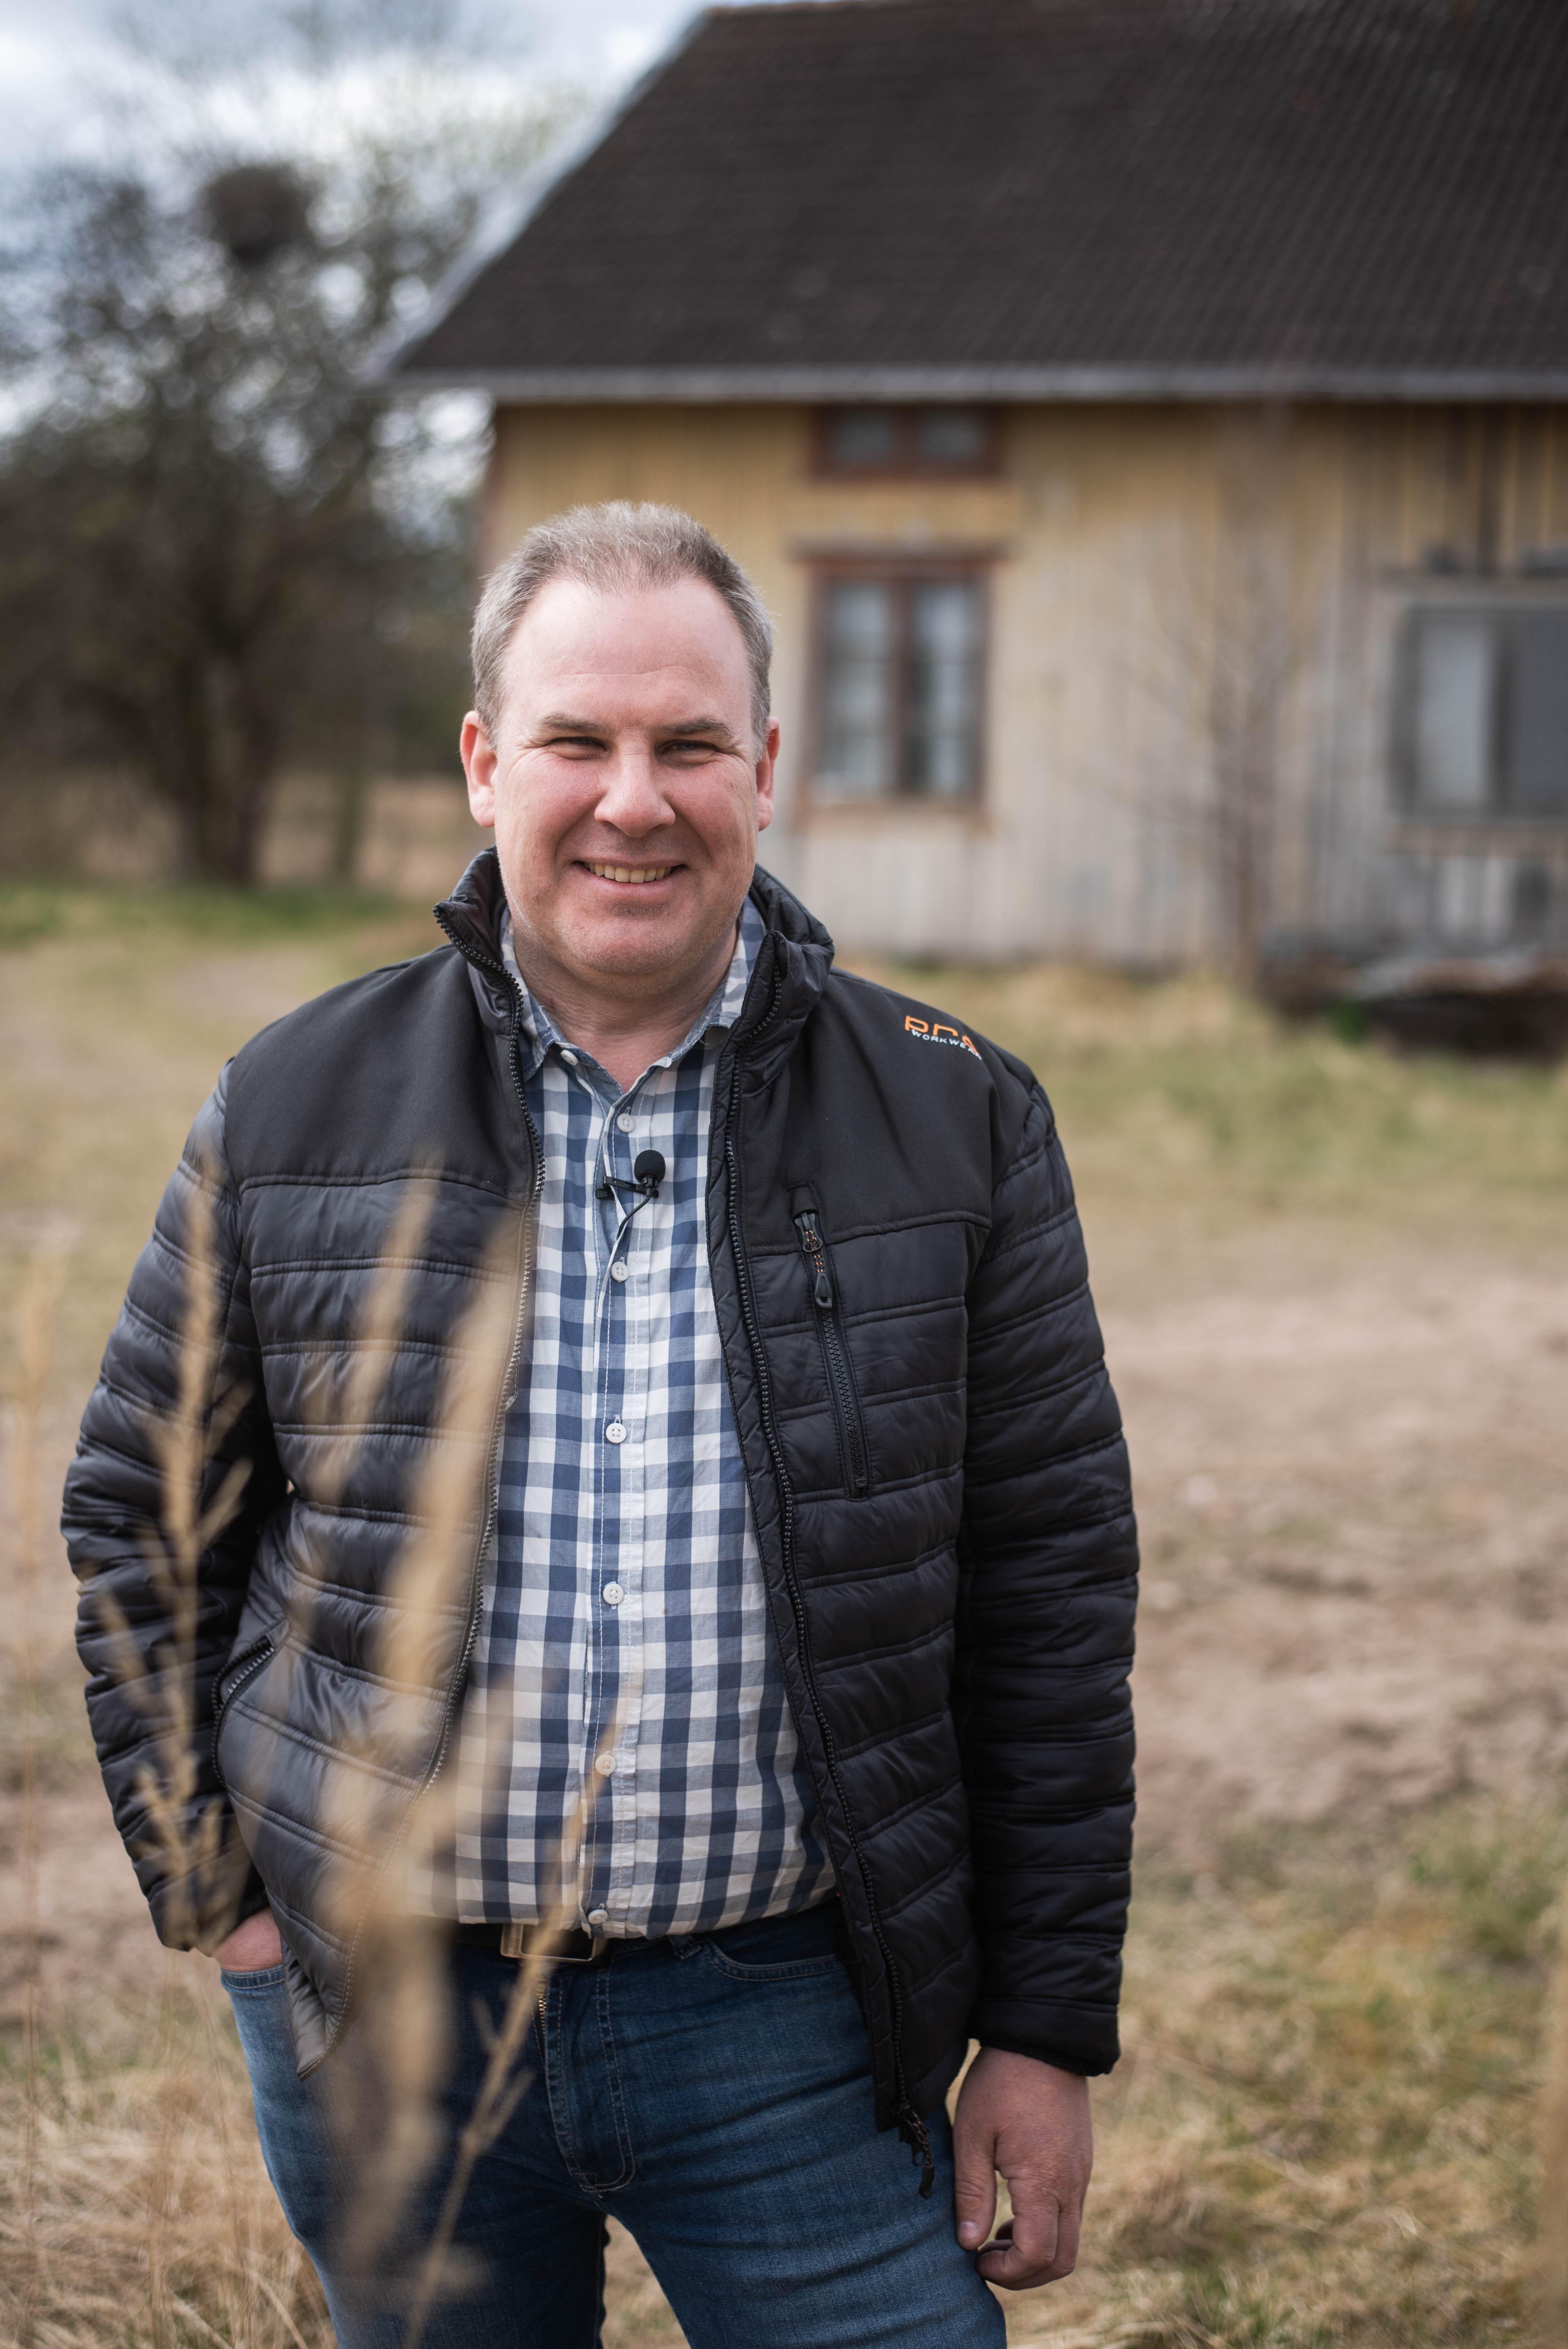 En snabbguide till gamla hus med Robert Danielsson